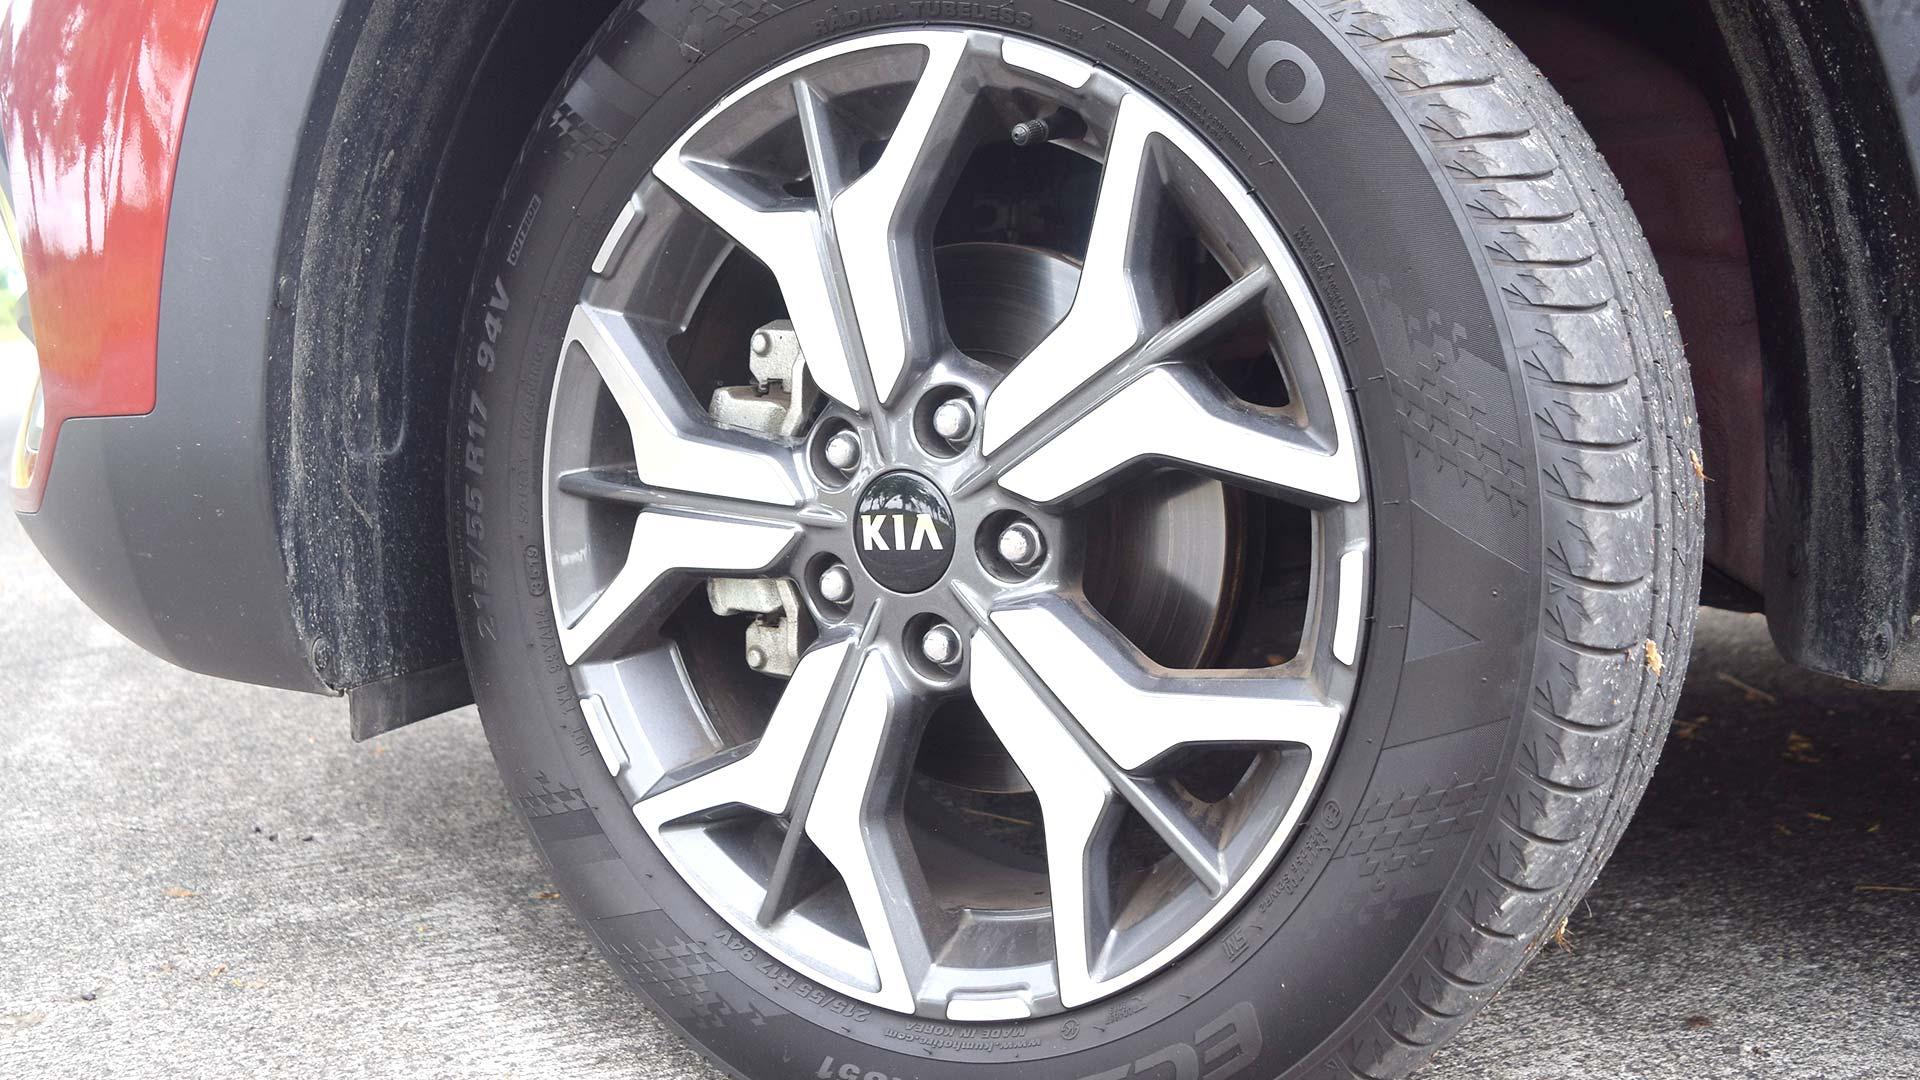 The Kia Seltos Front Tire